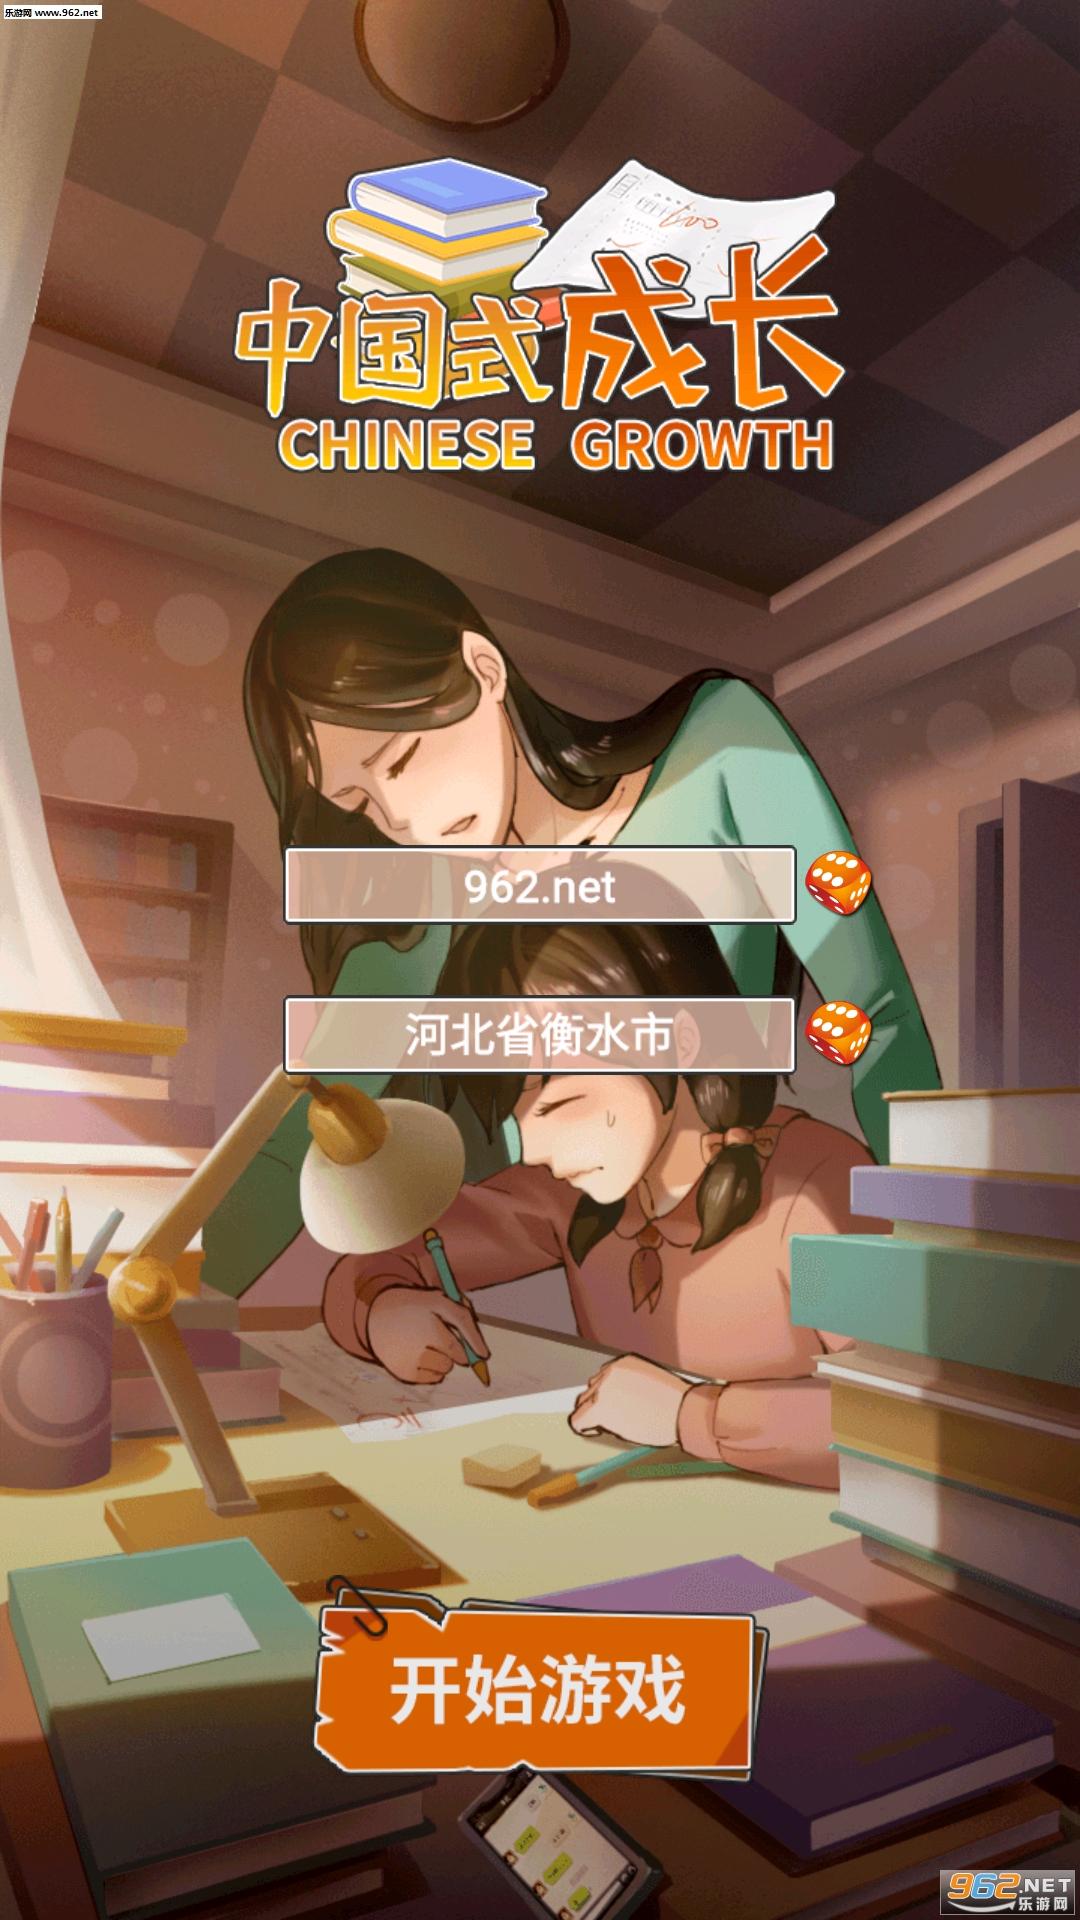 中国式成长去广告版v2.1_截图0